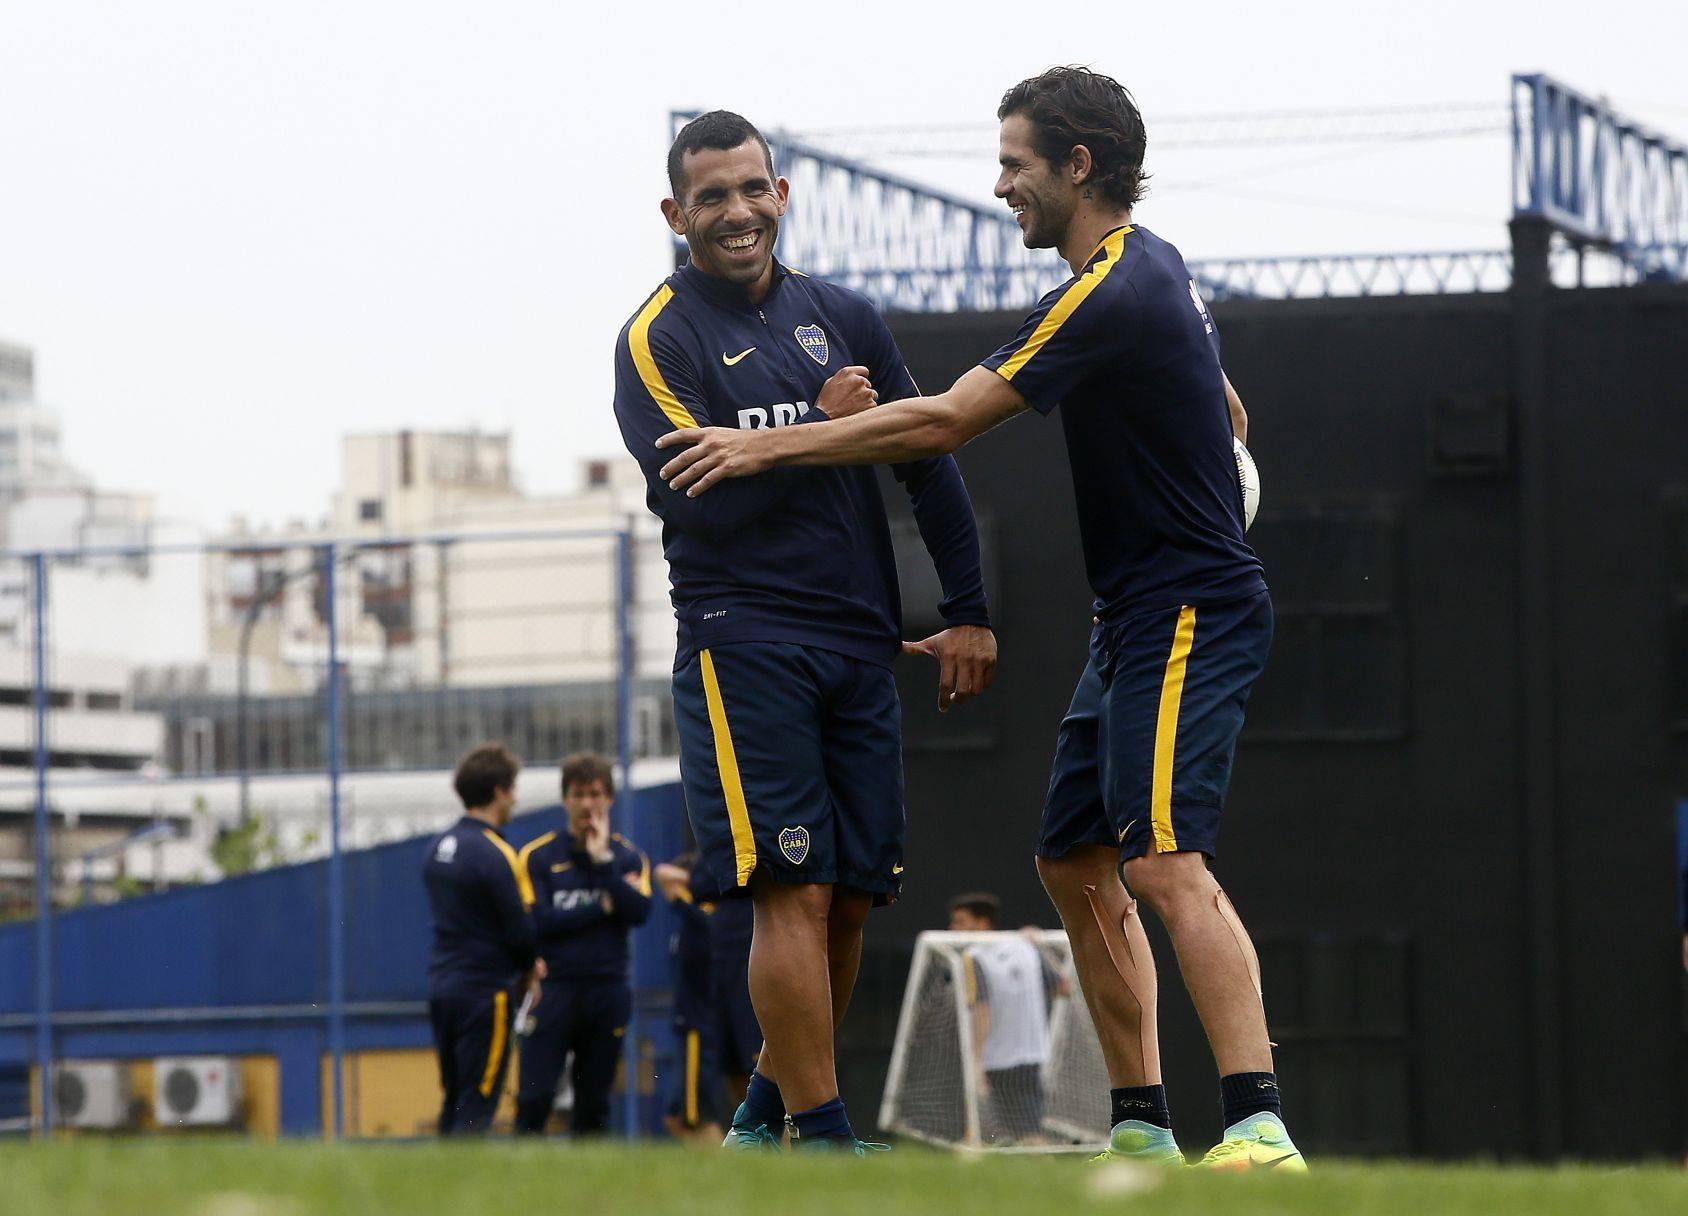 Карлос Тевес и Фернандо Гаго, facebook.com/BocaJuniors